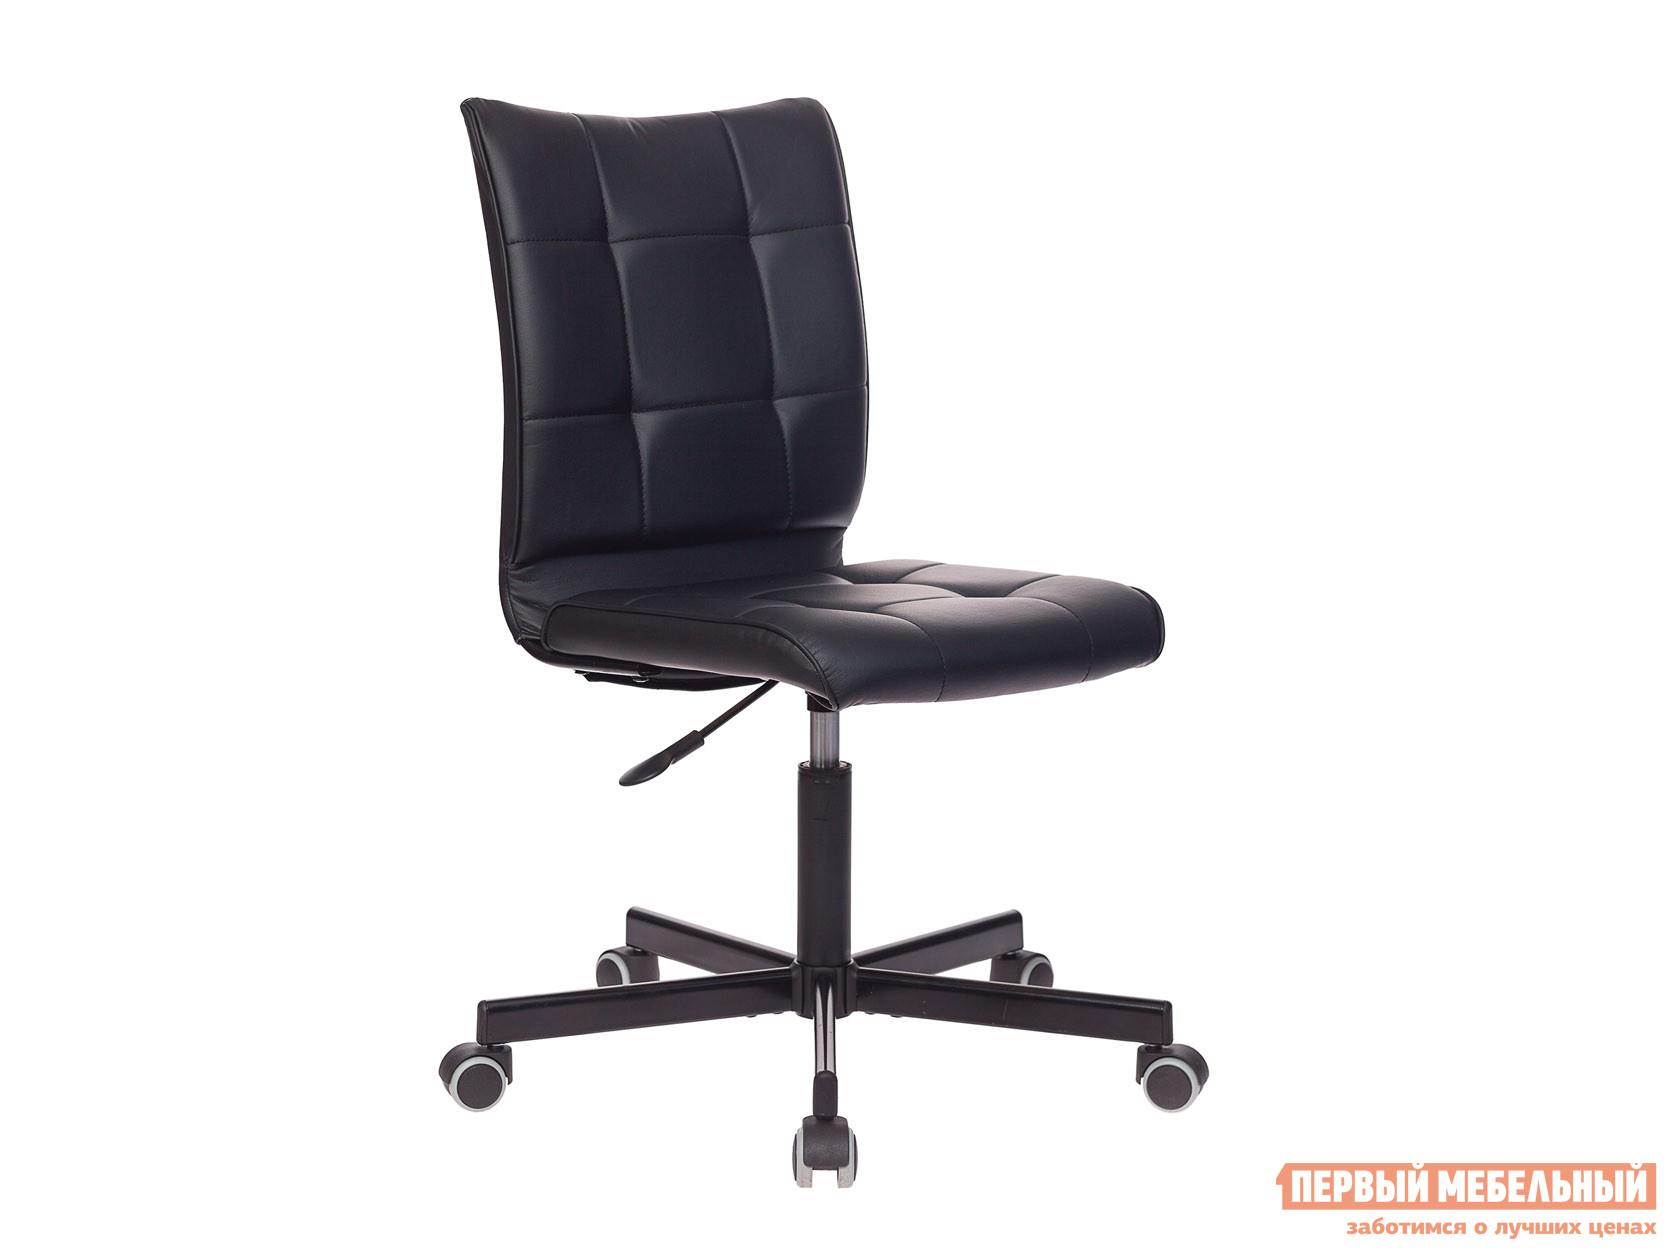 Офисное кресло  CH-330M Черный, иск. кожа Пегас Бюрократ 95353